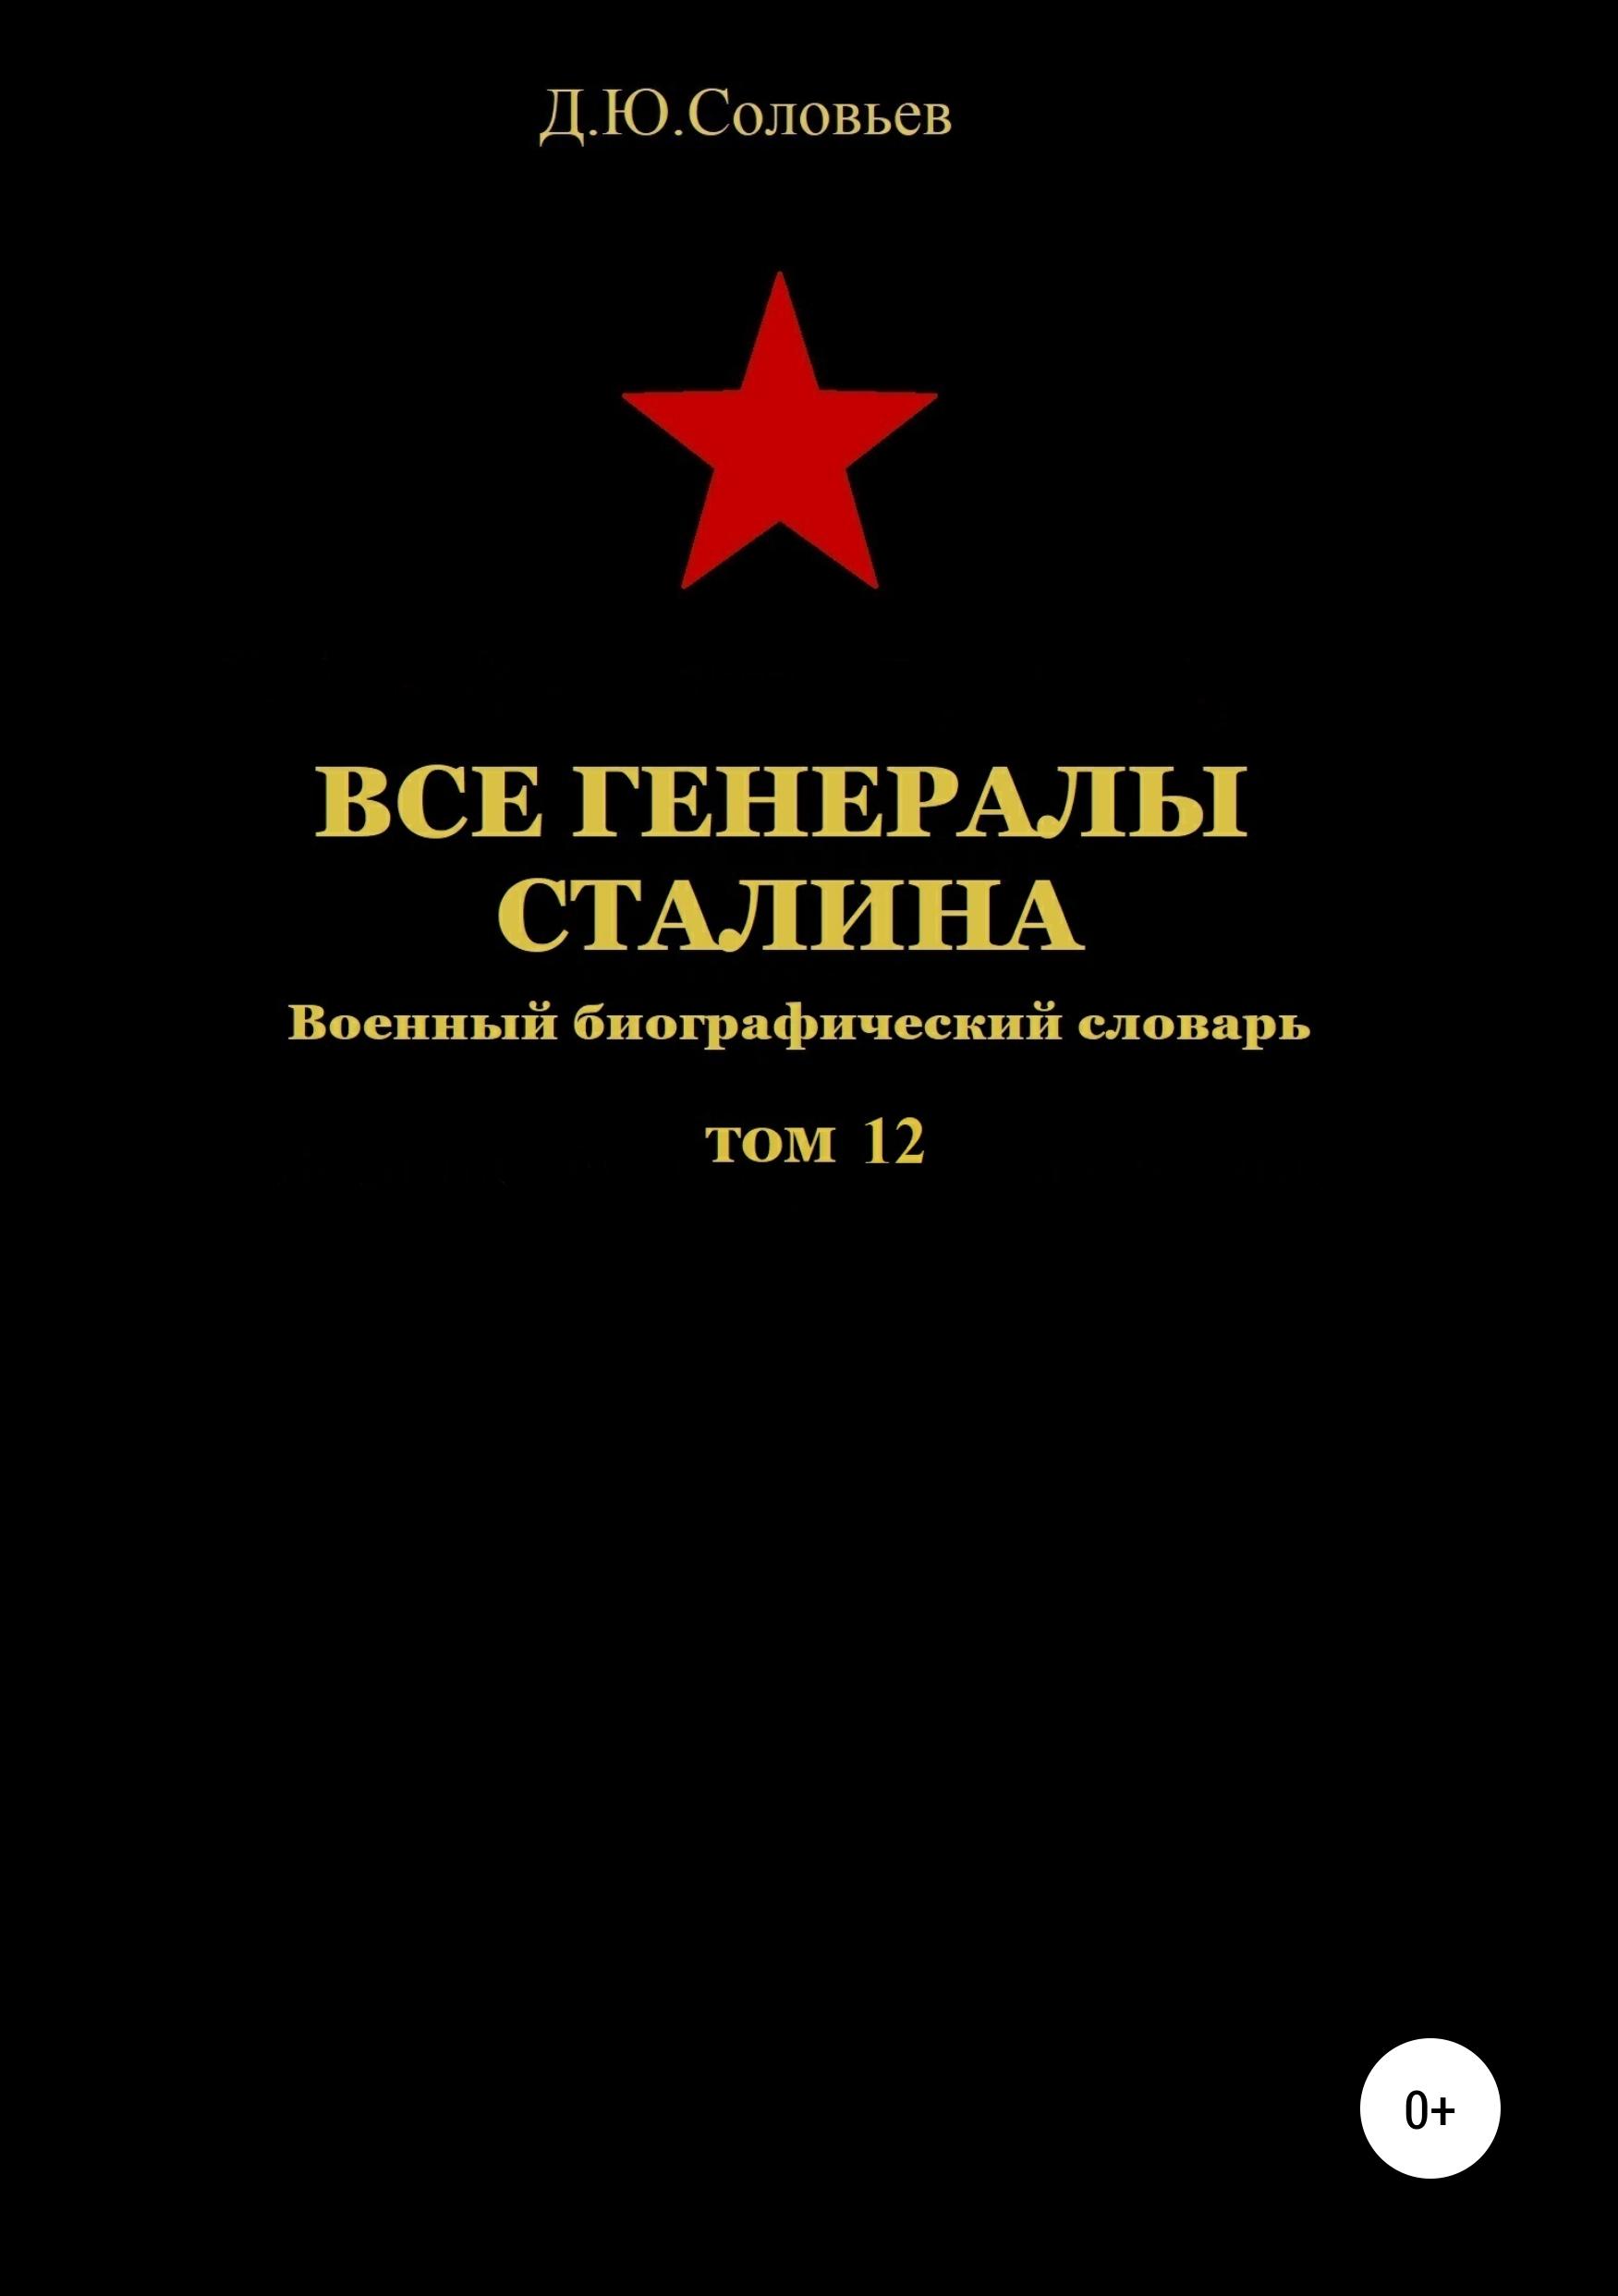 Все генералы Сталина. Том 12